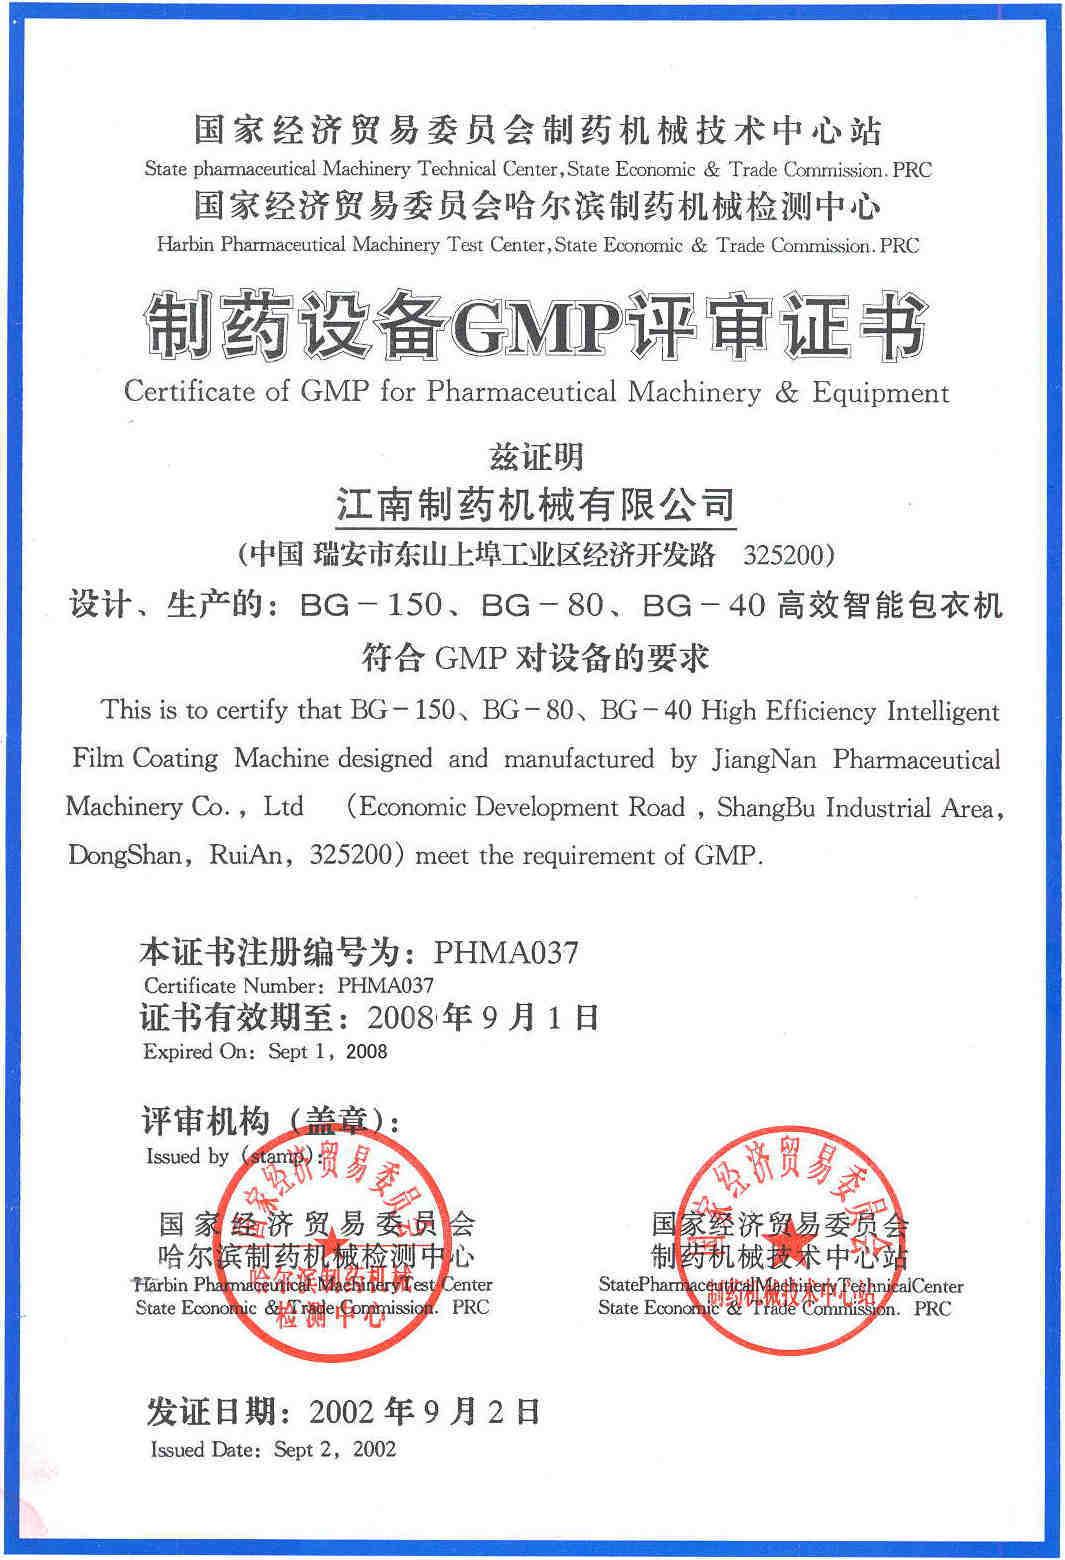 Gmp Certificate Zhejiang Jiangnan Pharmaceutical Machinery Co Ltd